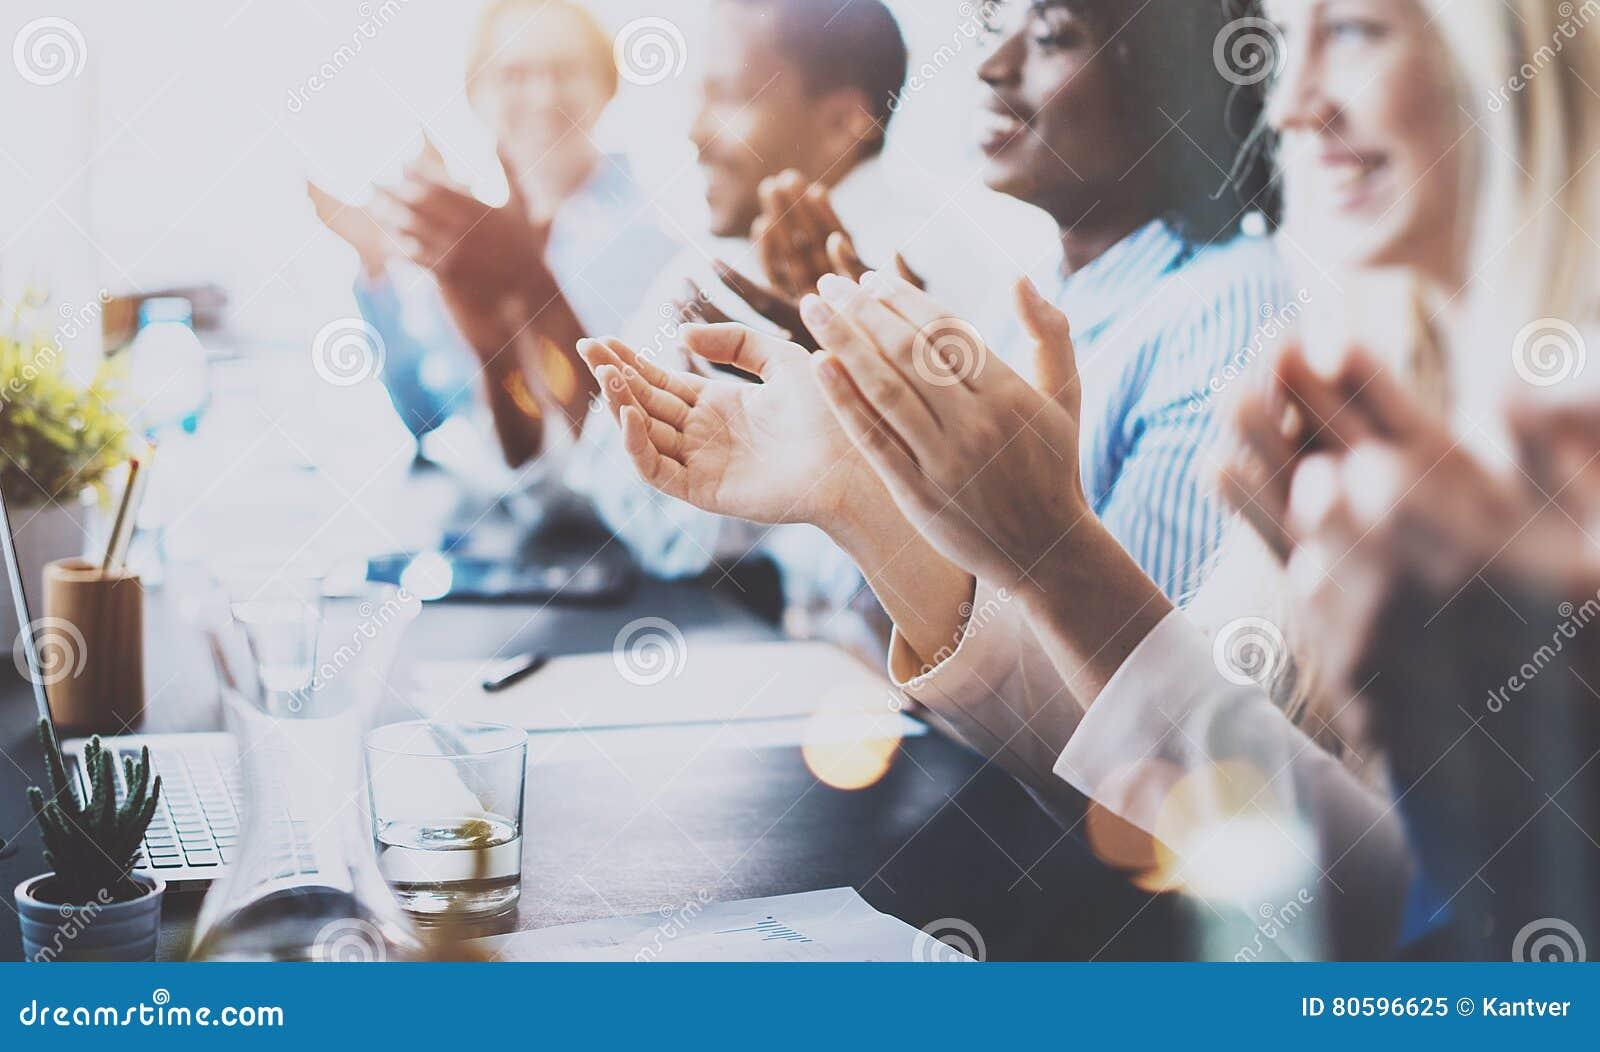 Photo des associés battant des mains après séminaire d affaires Éducation professionnelle, réunion de travail, présentation ou en